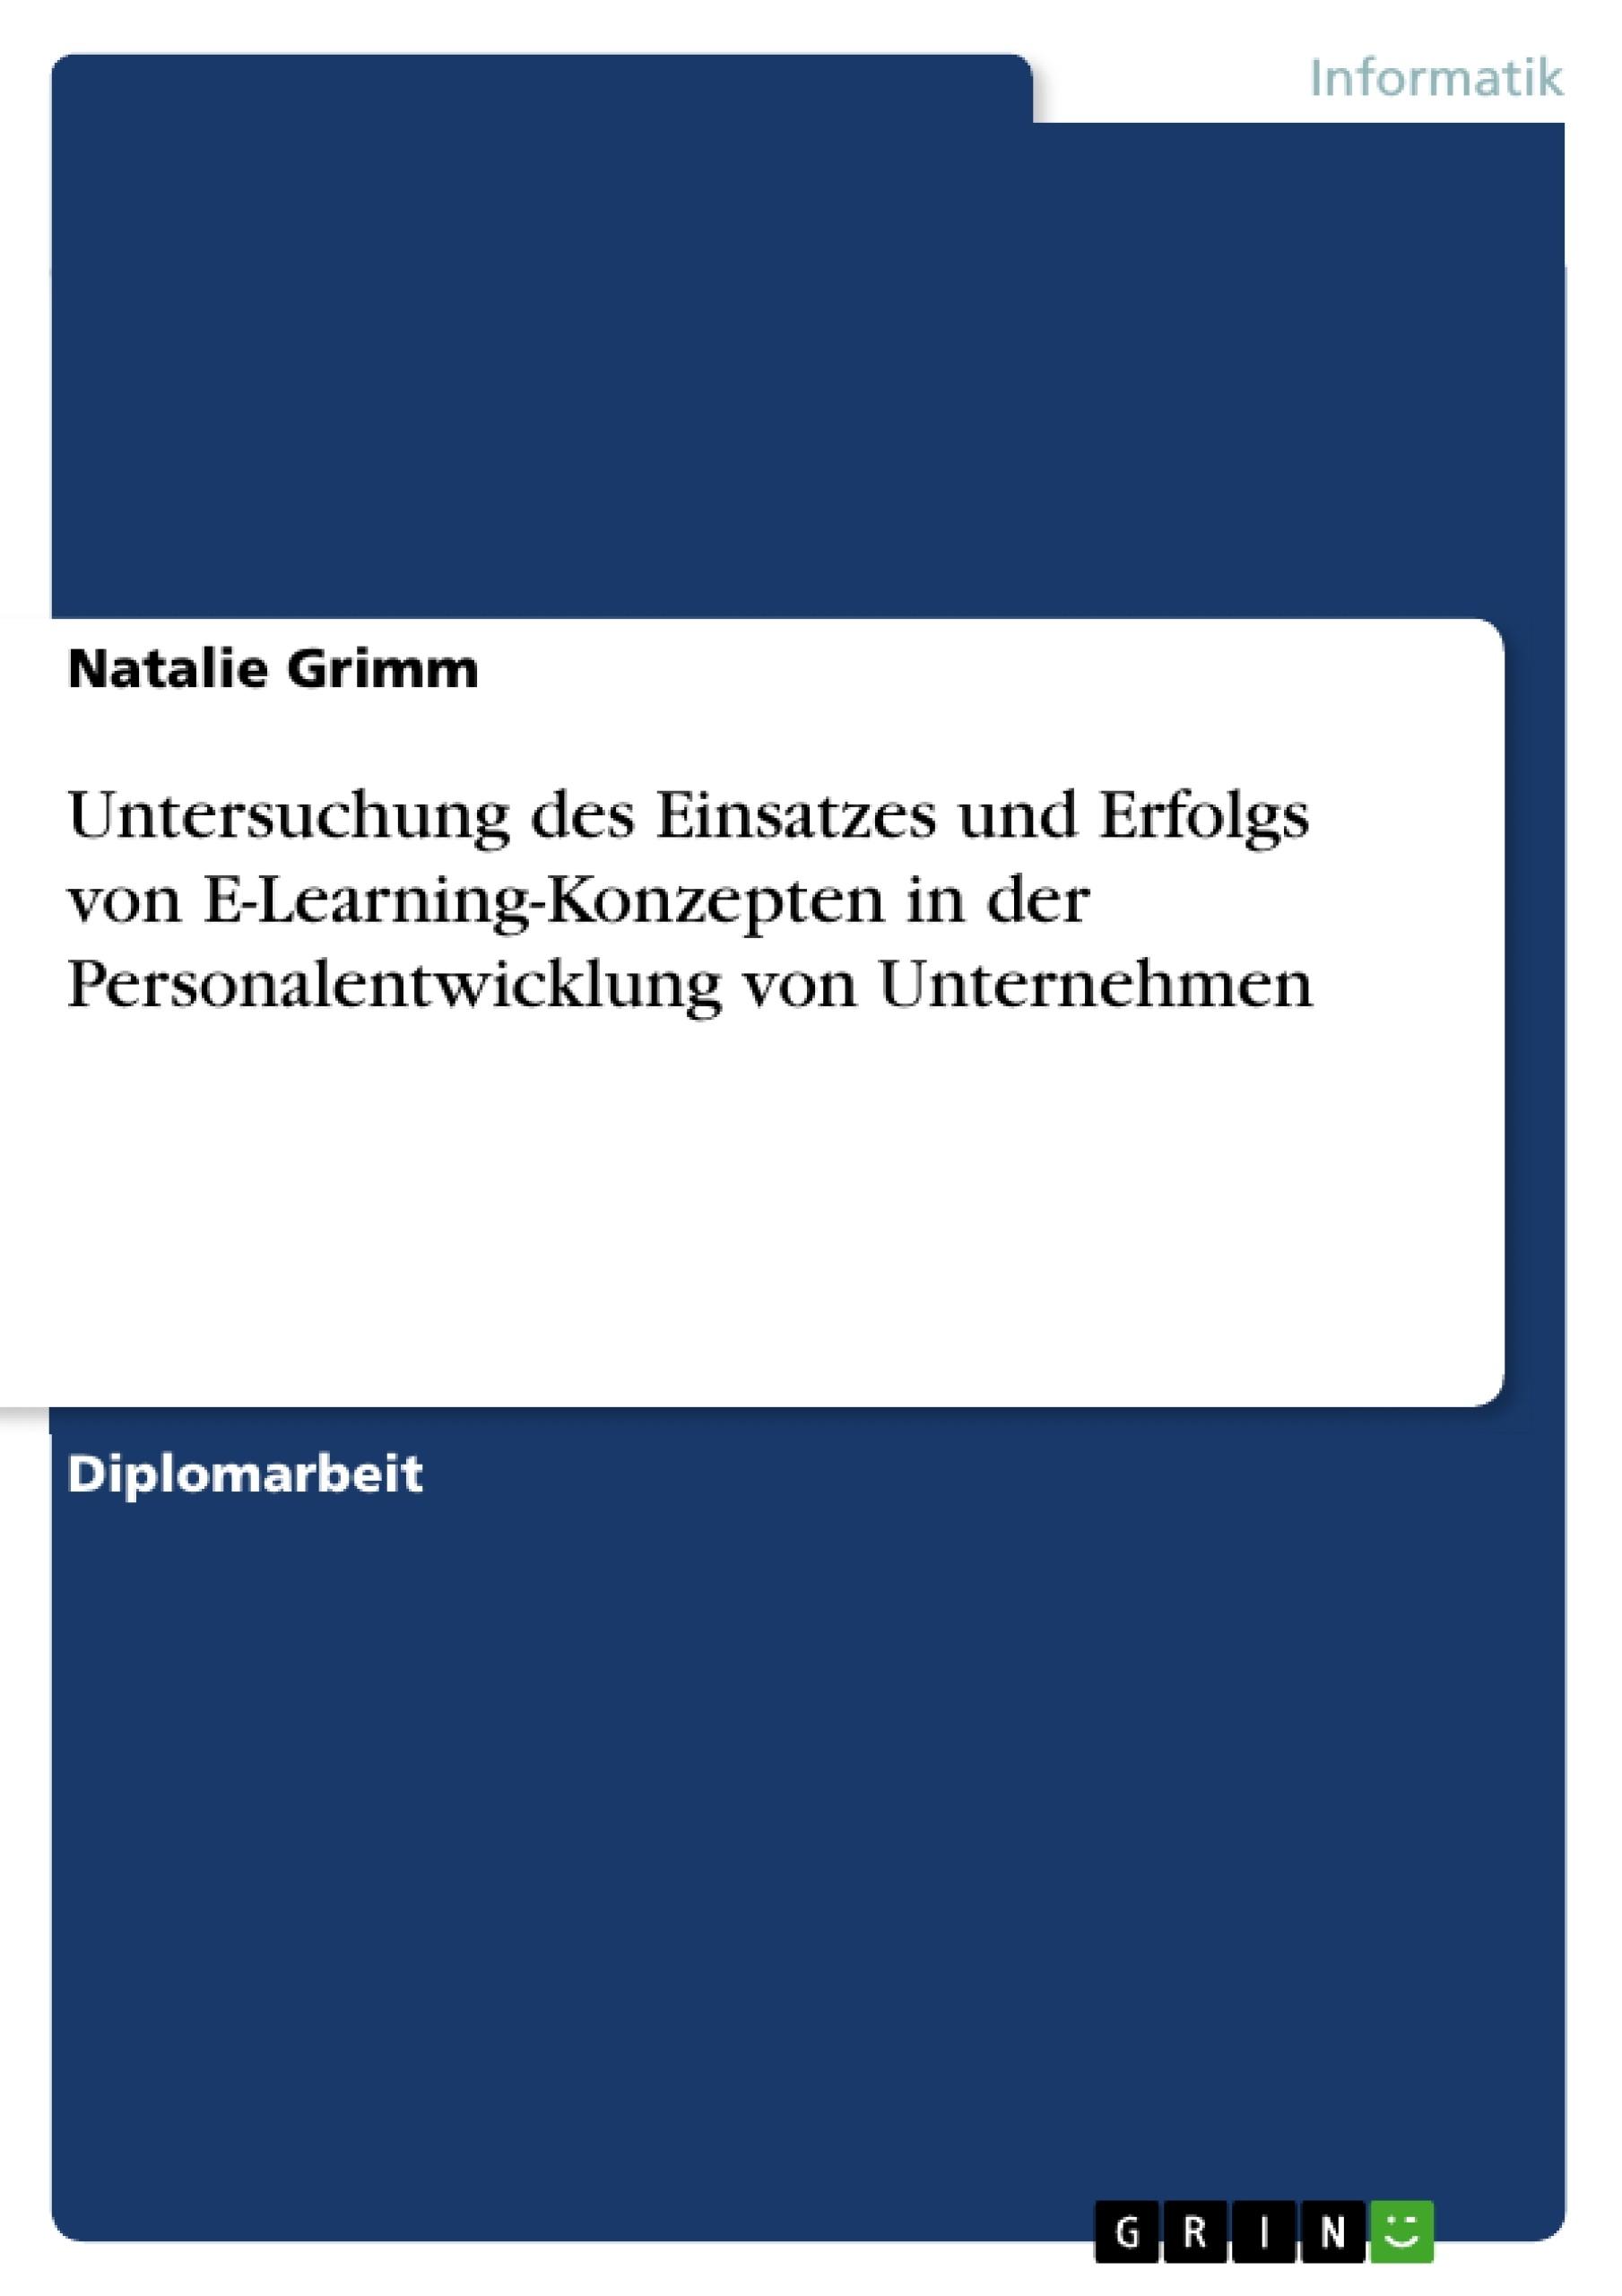 Titel: Untersuchung des Einsatzes und Erfolgs von E-Learning-Konzepten in der Personalentwicklung von Unternehmen